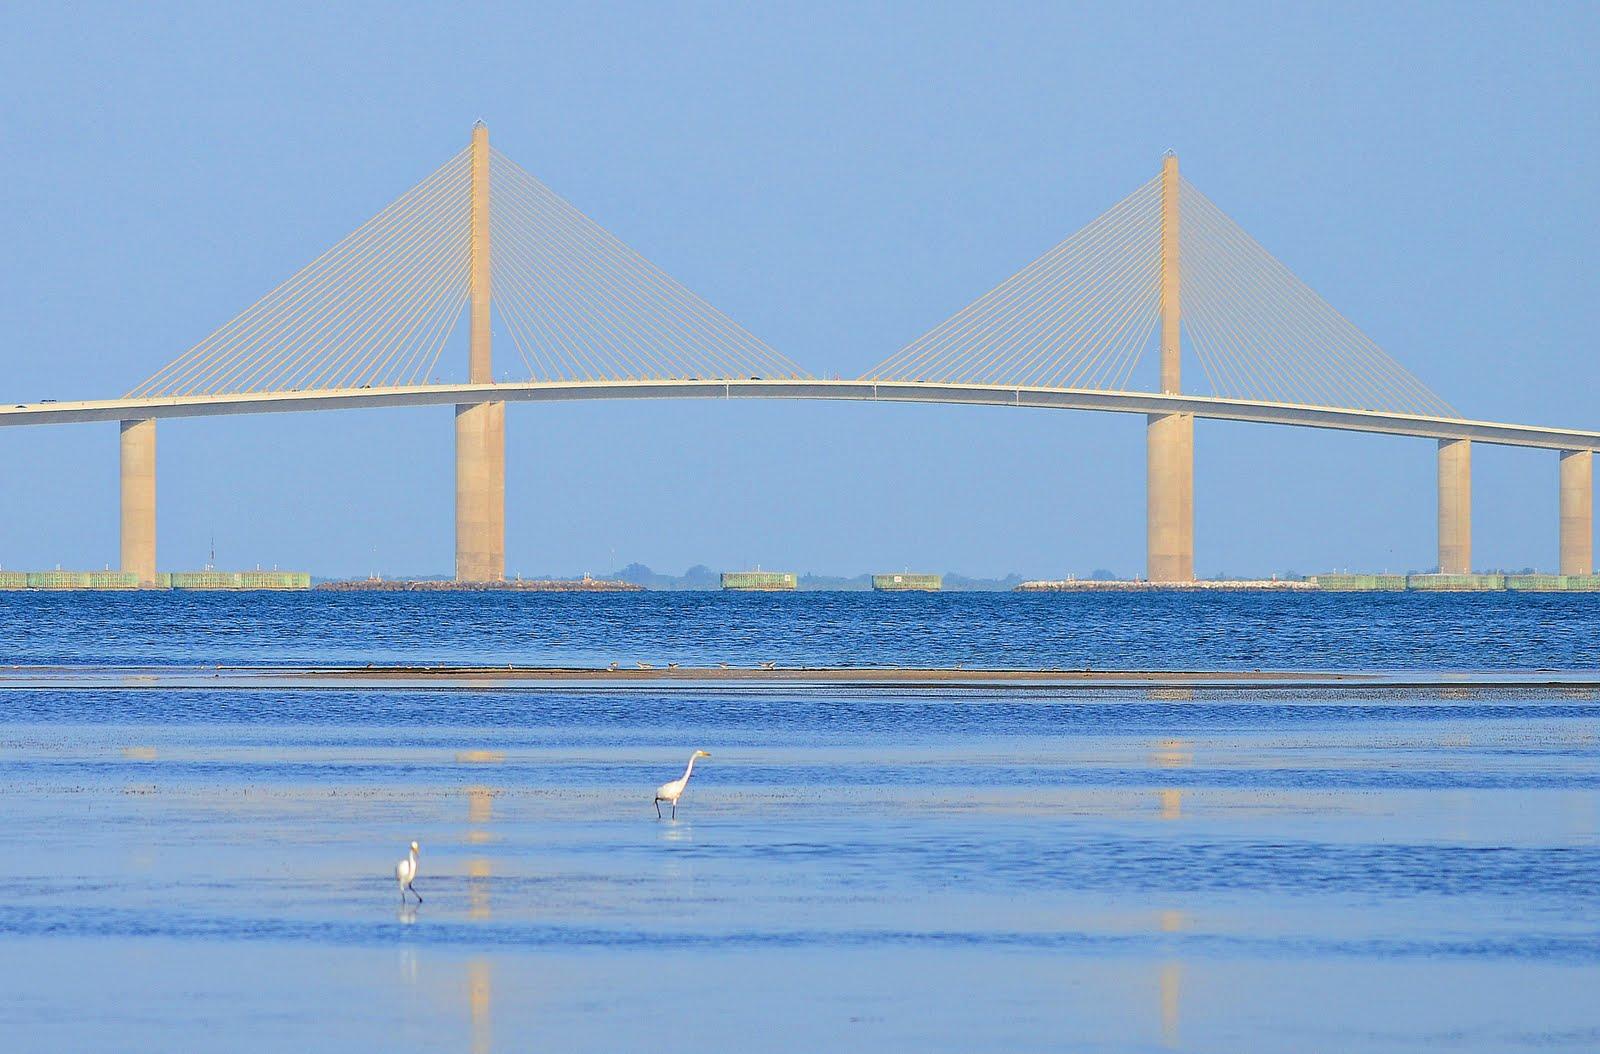 Dina S City Wildlife Adventures Skyway Bridge For